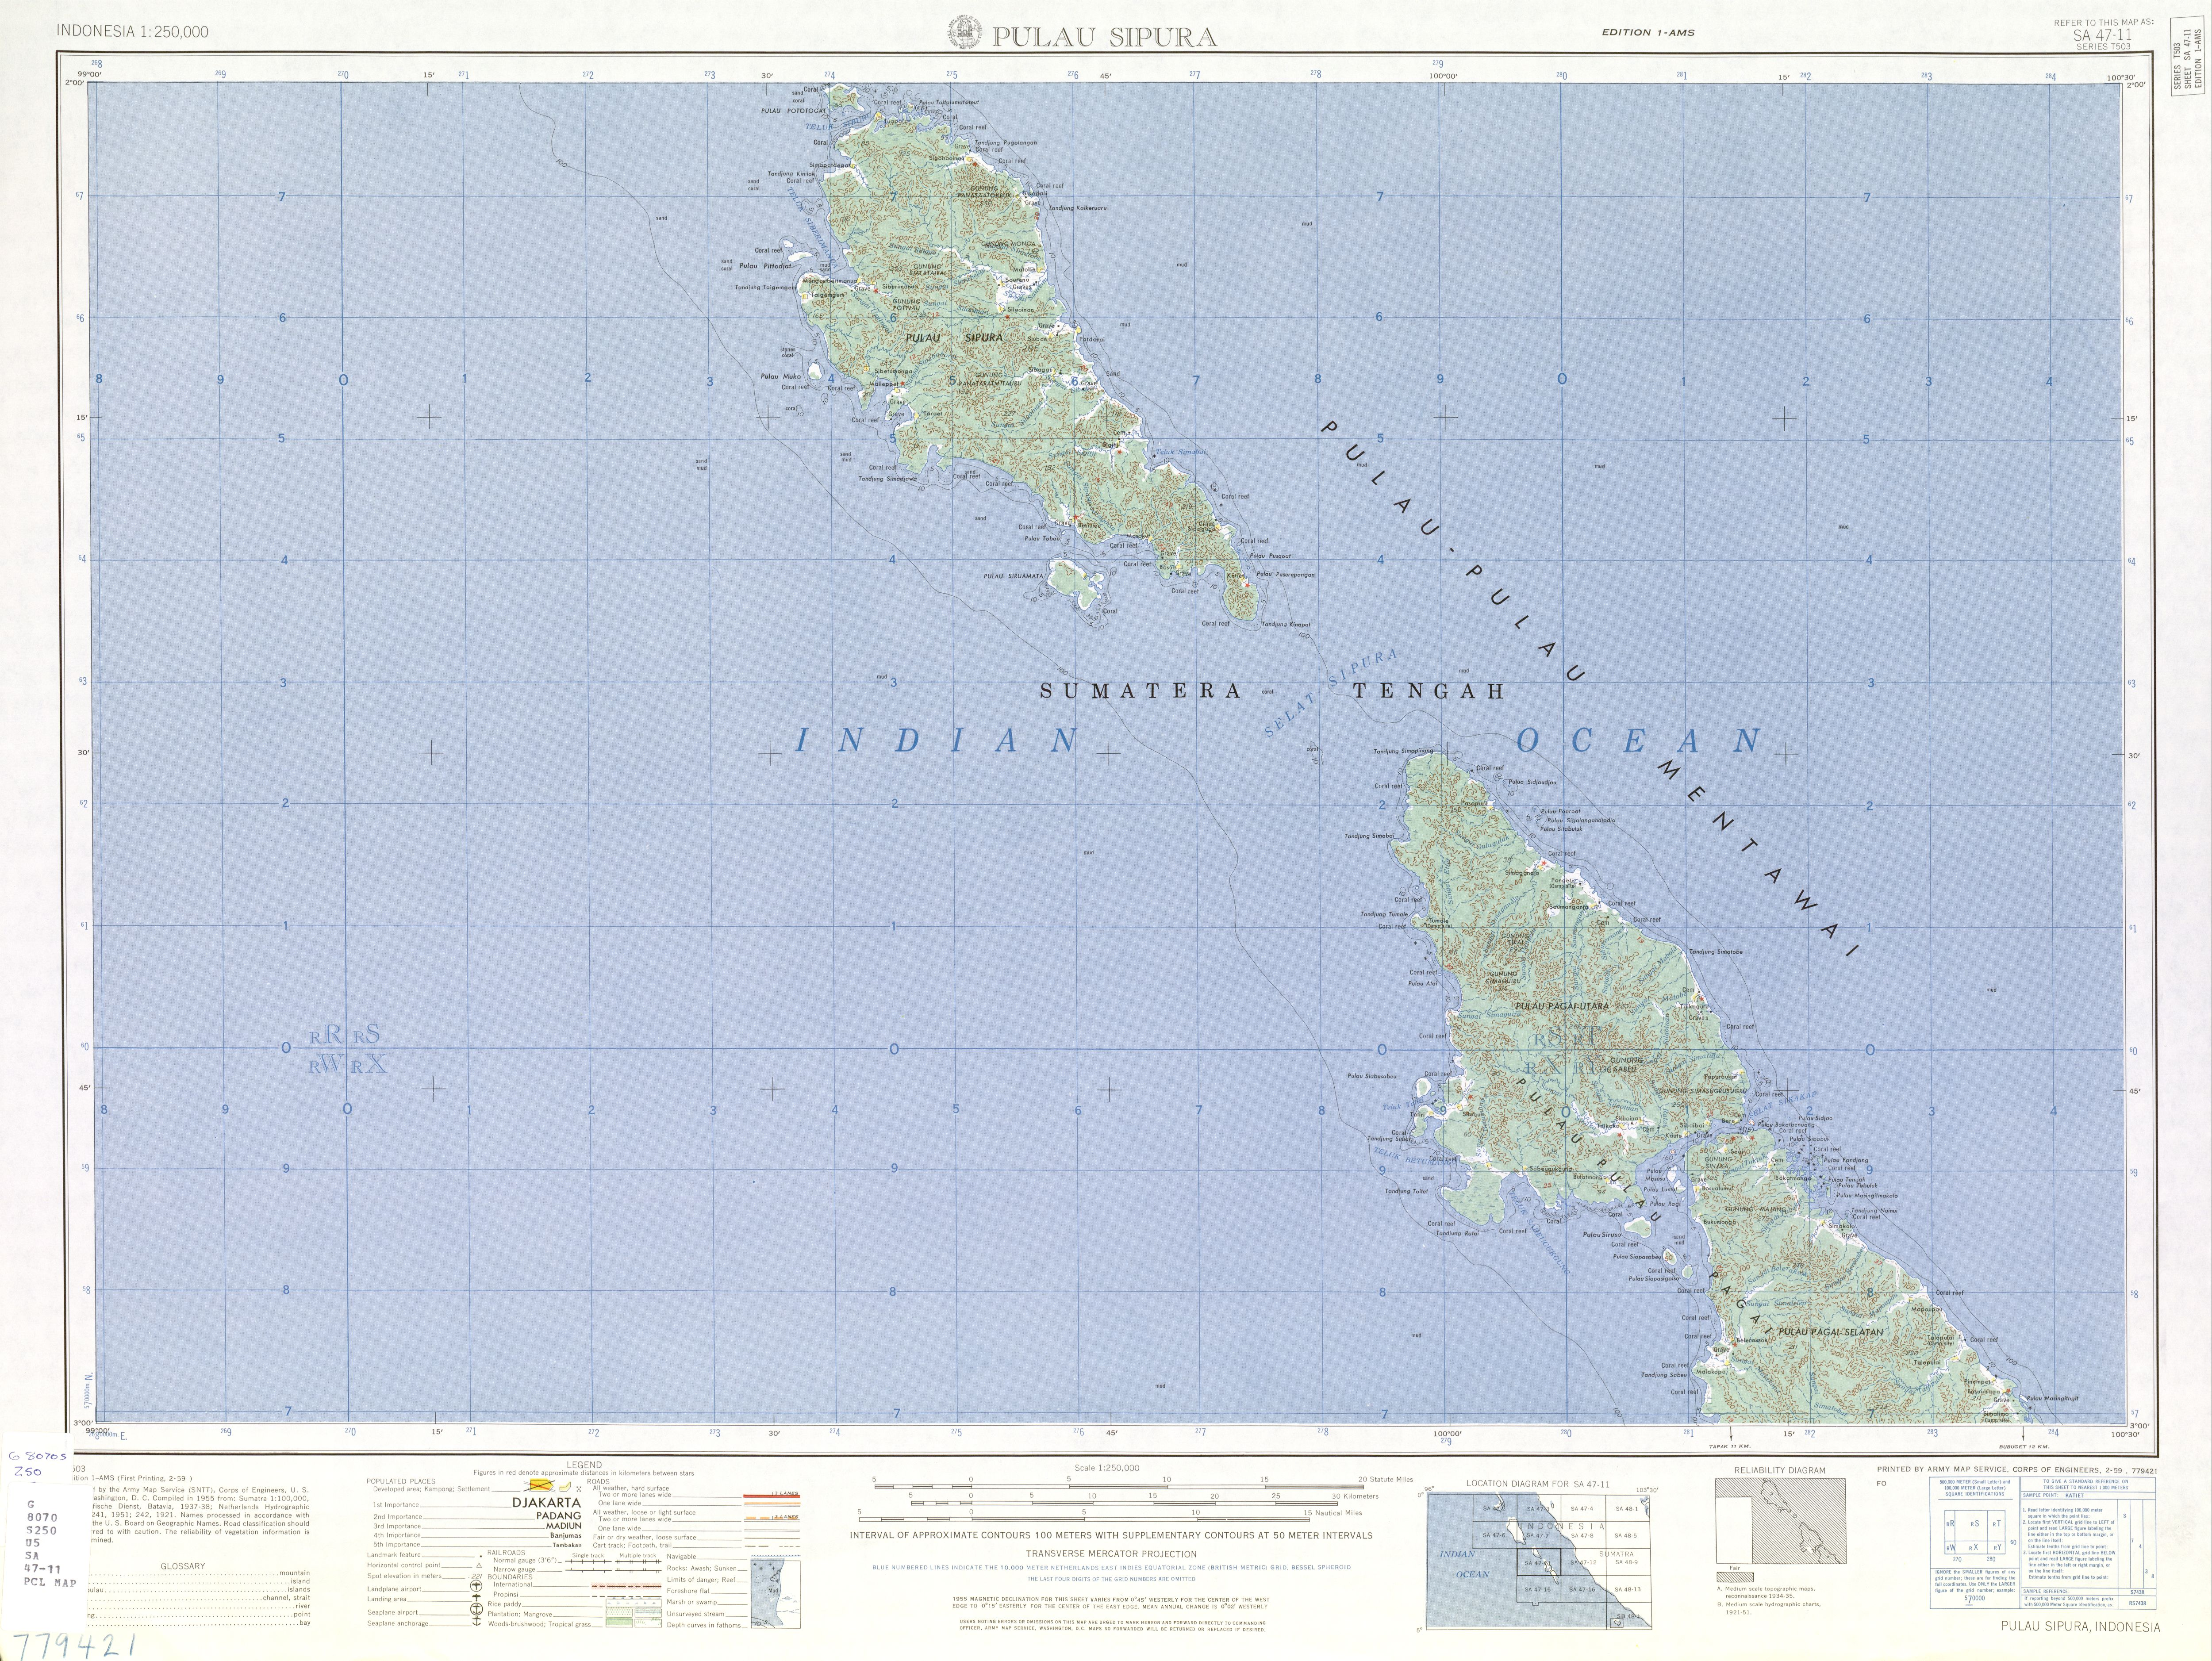 Pulau Sipura